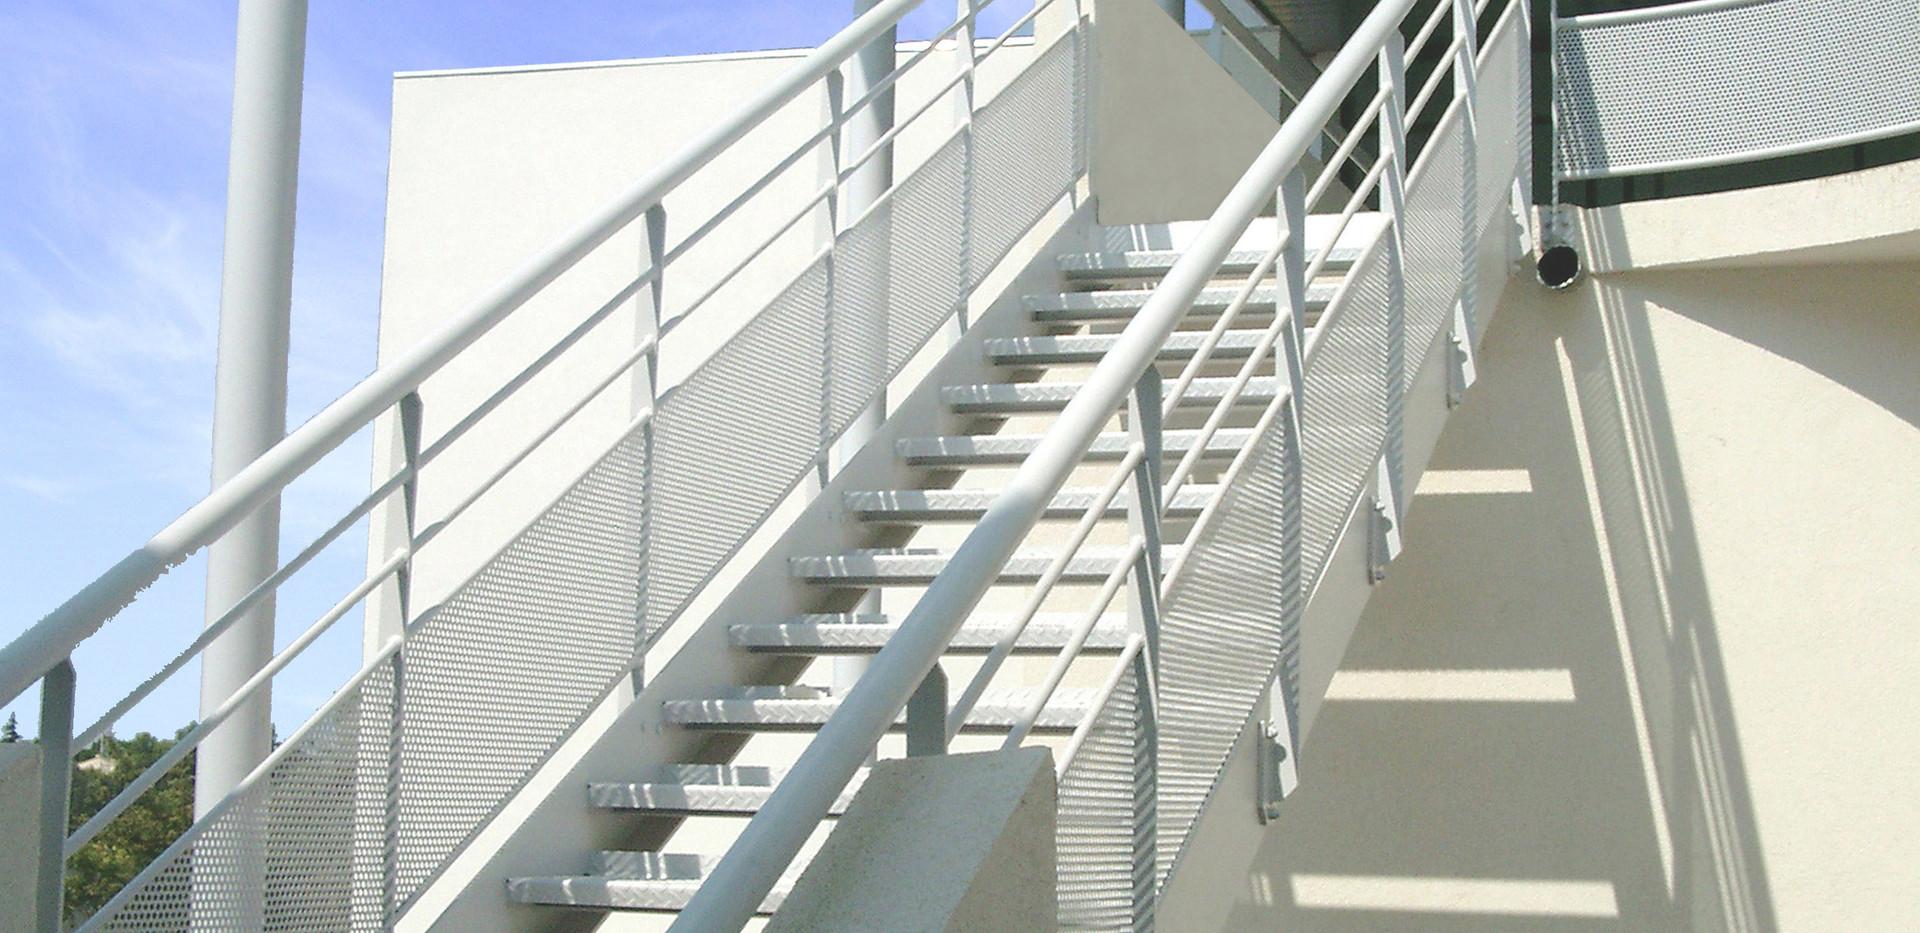 130 Escaliers page 1 Cop.jpg